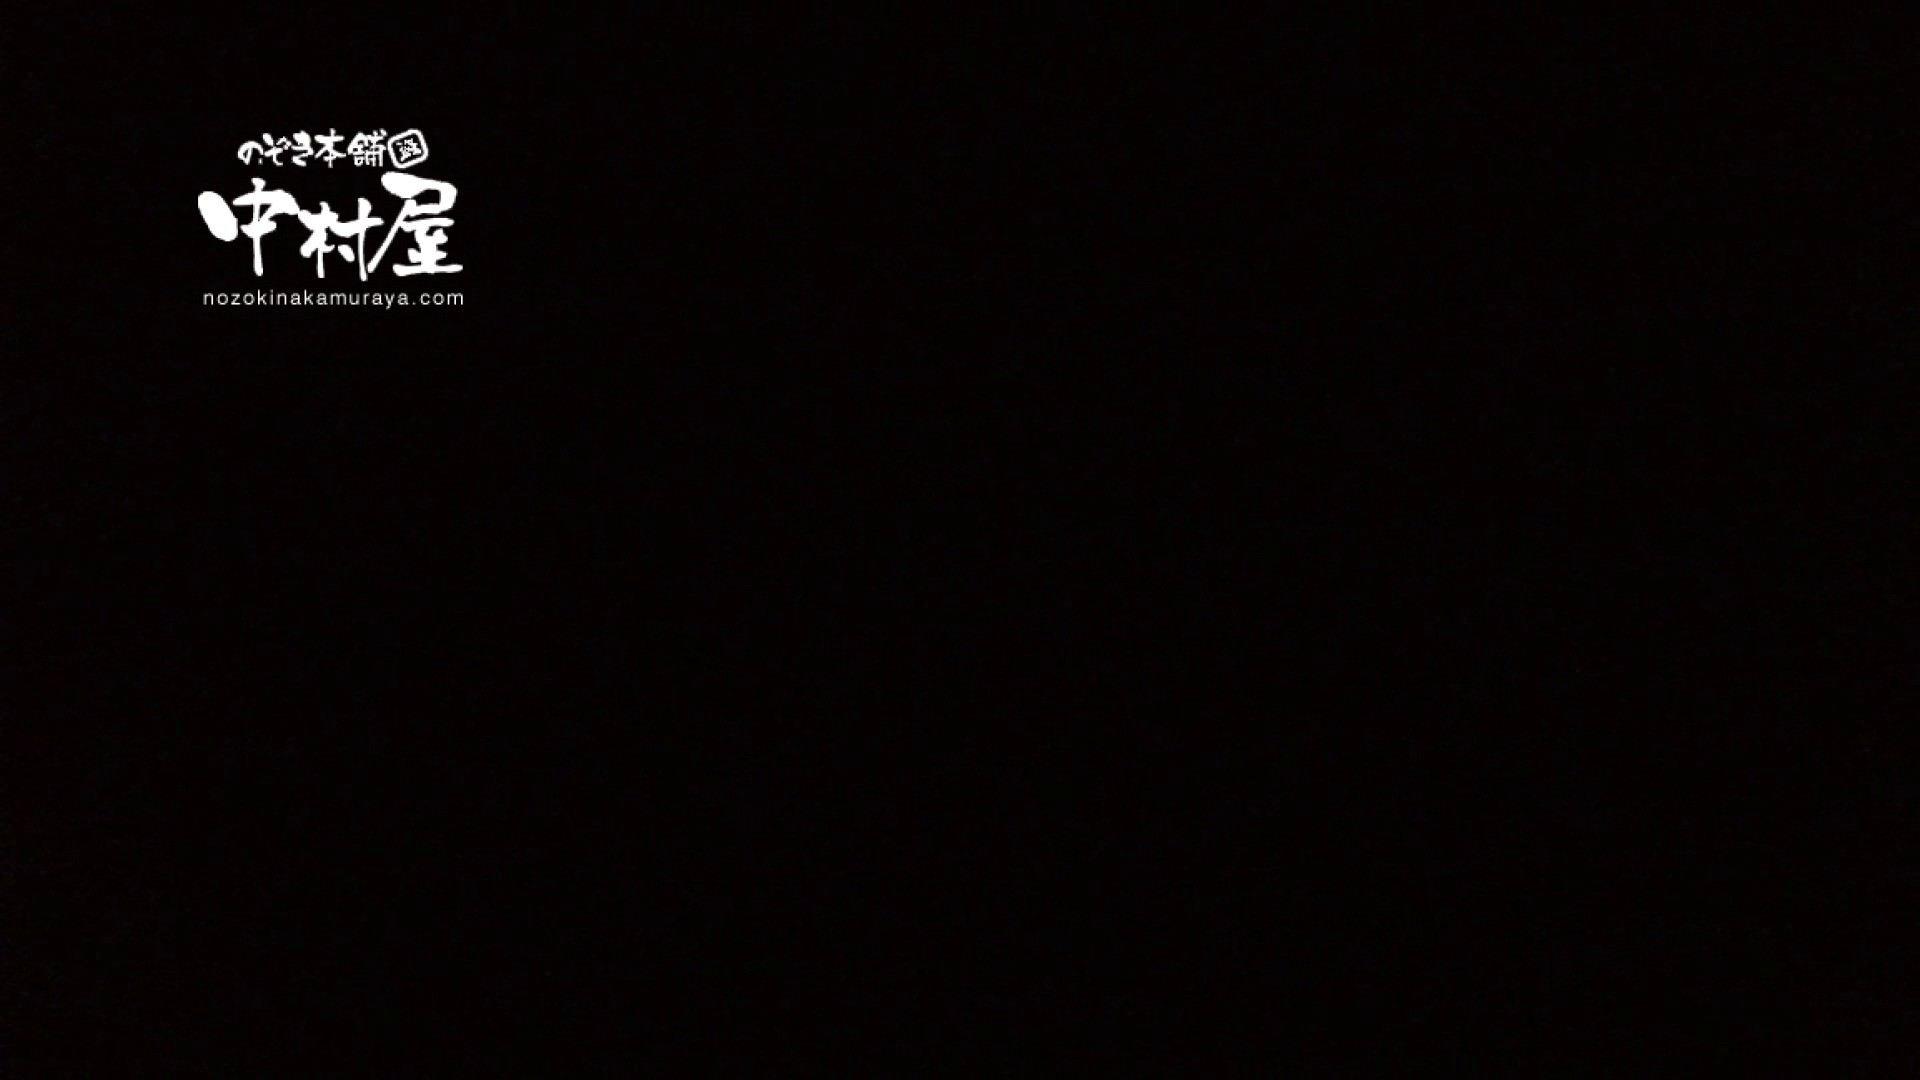 鬼畜 vol.10 あぁ無情…中出しパイパン! 後編 鬼畜 覗き性交動画流出 106画像 14